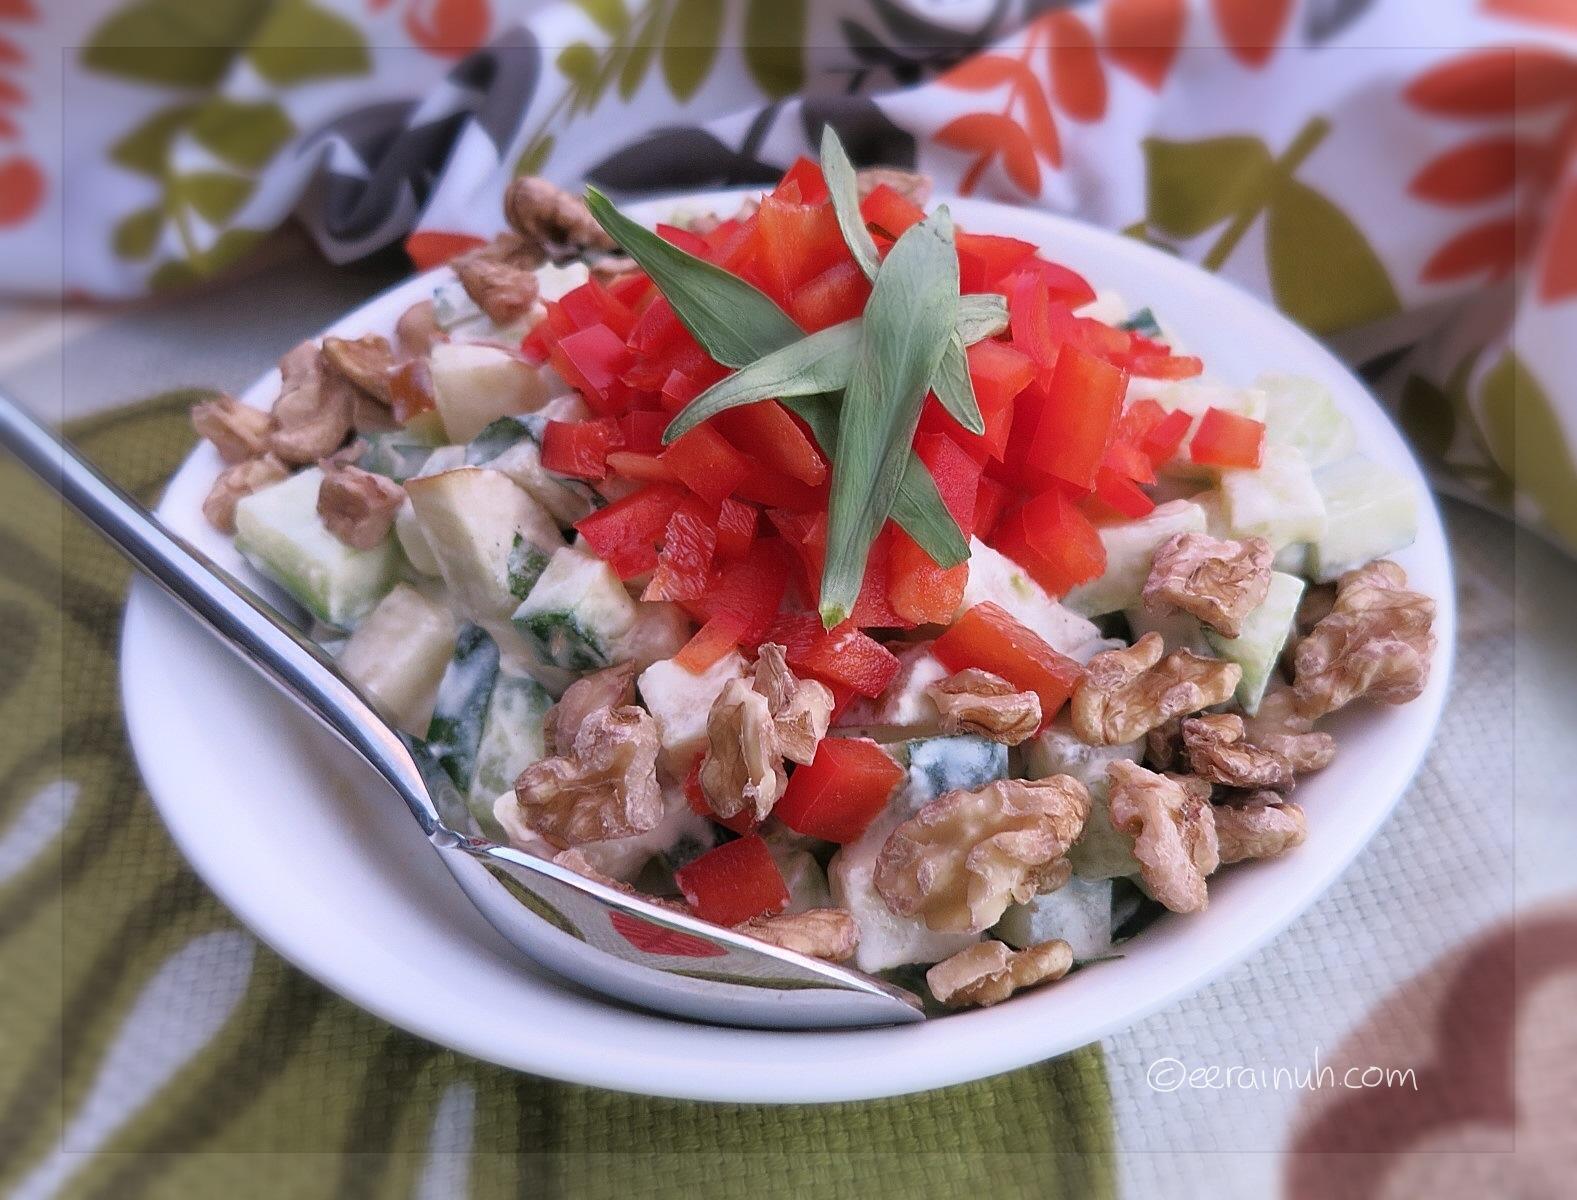 Cucumber, Pear & Capsicum Salad w Walnuts & Tarragon